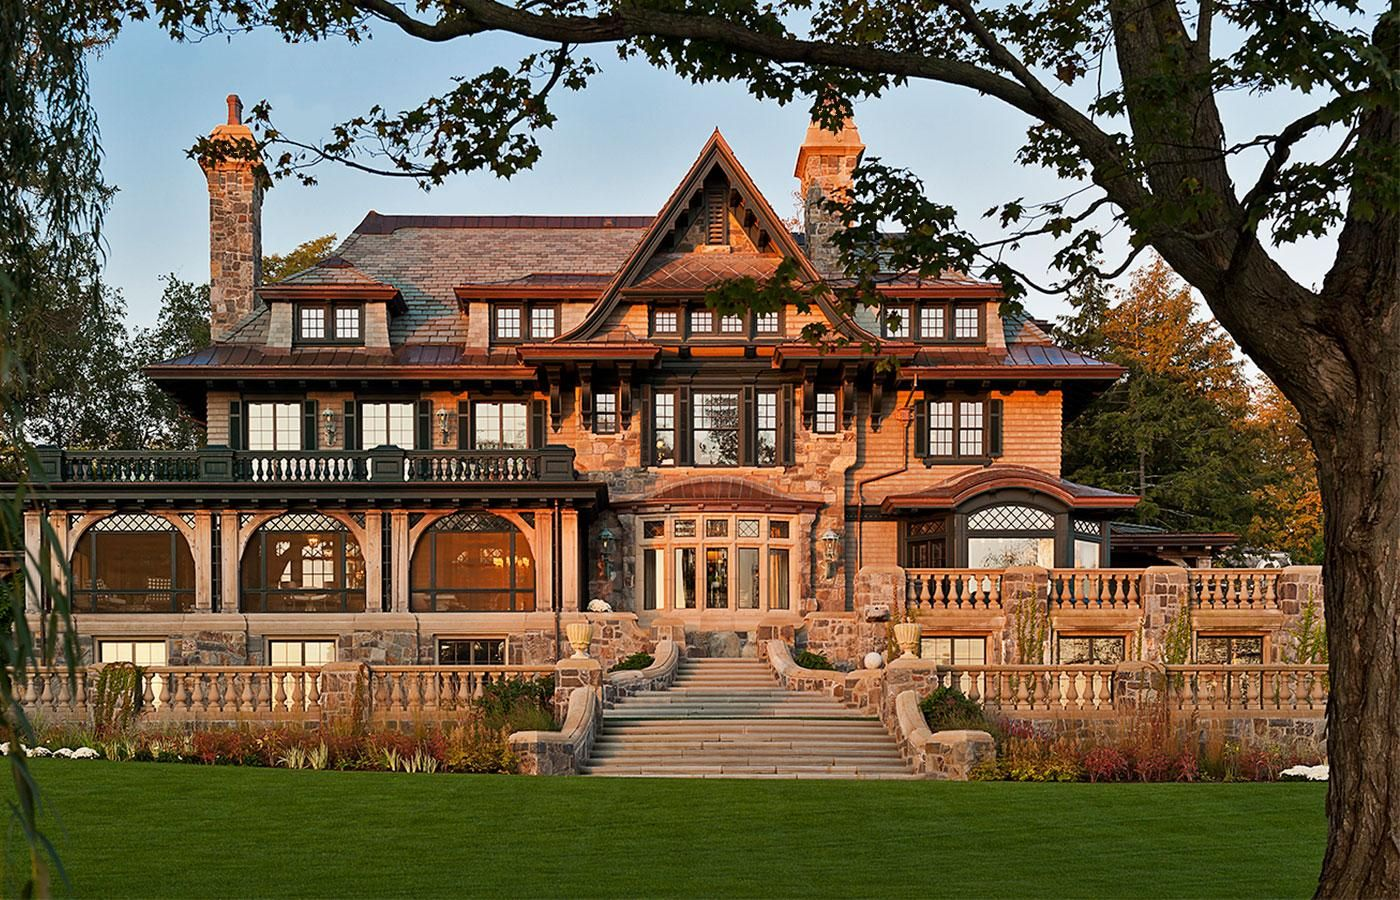 Photo: house/residence of the intelligent 1000 million earning Skaneateles Lake, New York-resident